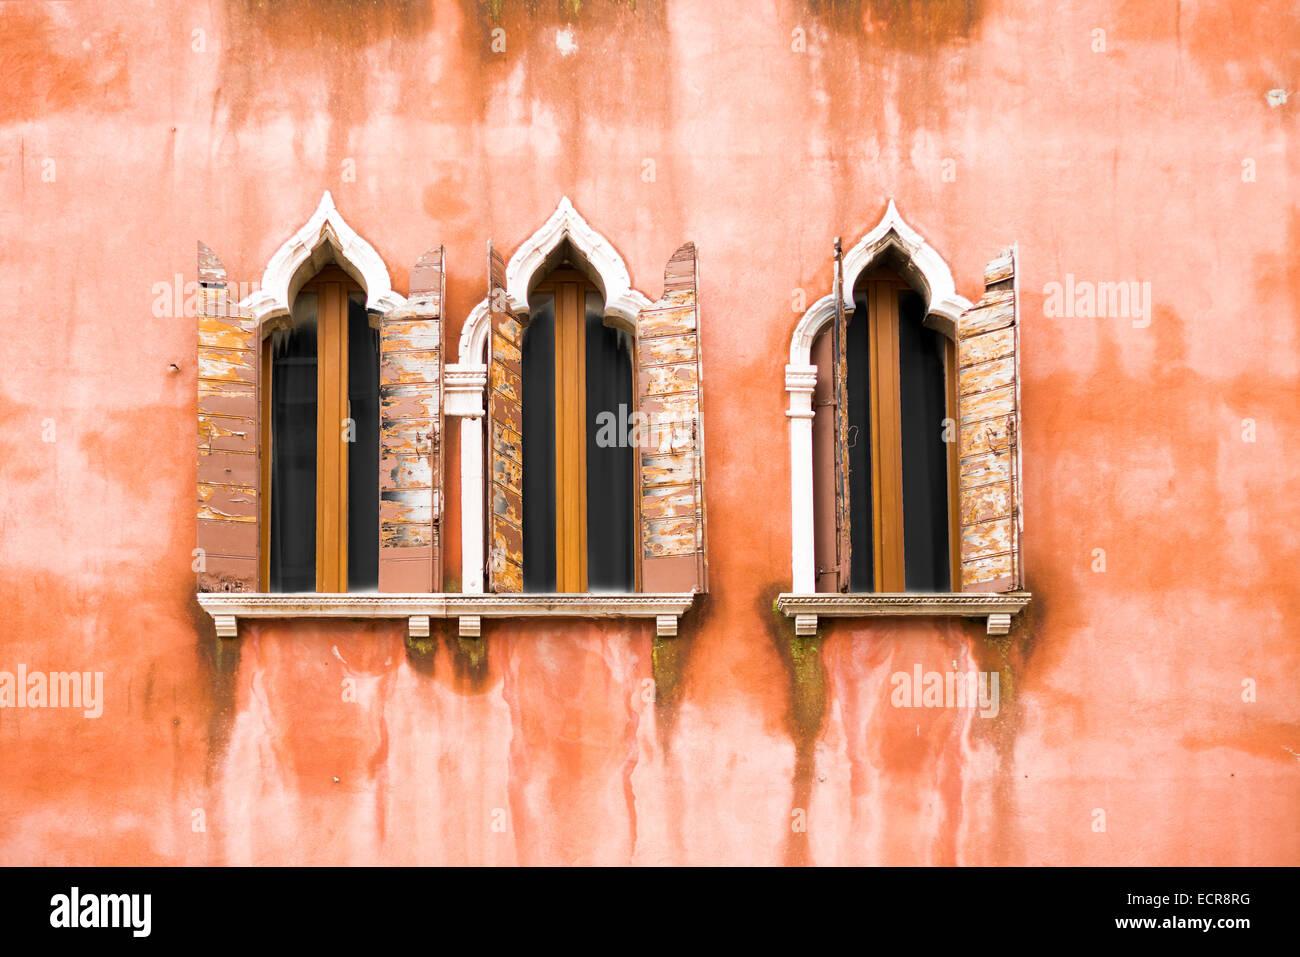 Trio in Venice